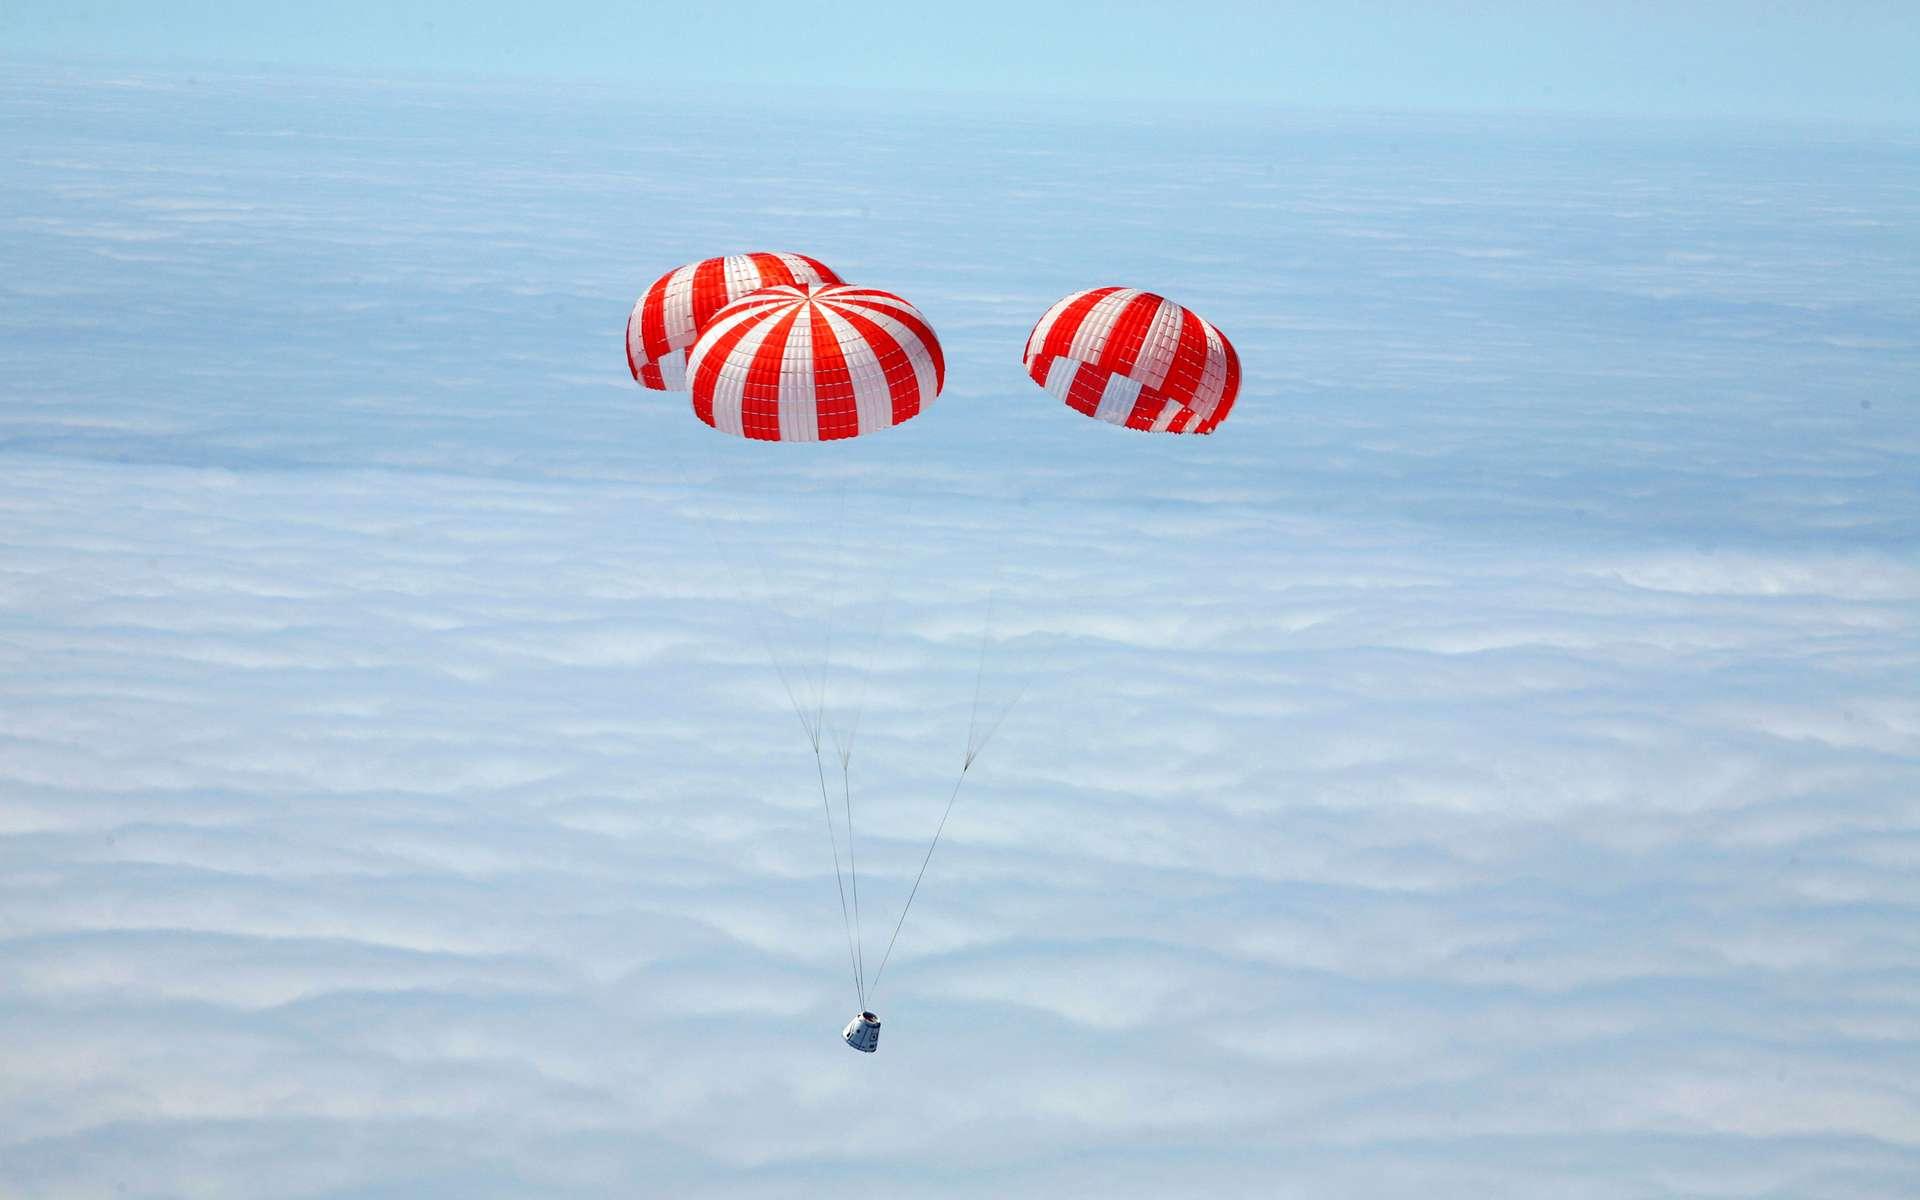 Retour sur Terre de la capsule Dragon, après son premier vol d'essai en décembre 2010. Le premier vol à destination de l'ISS est prévu le 30 avril. © SpaceX